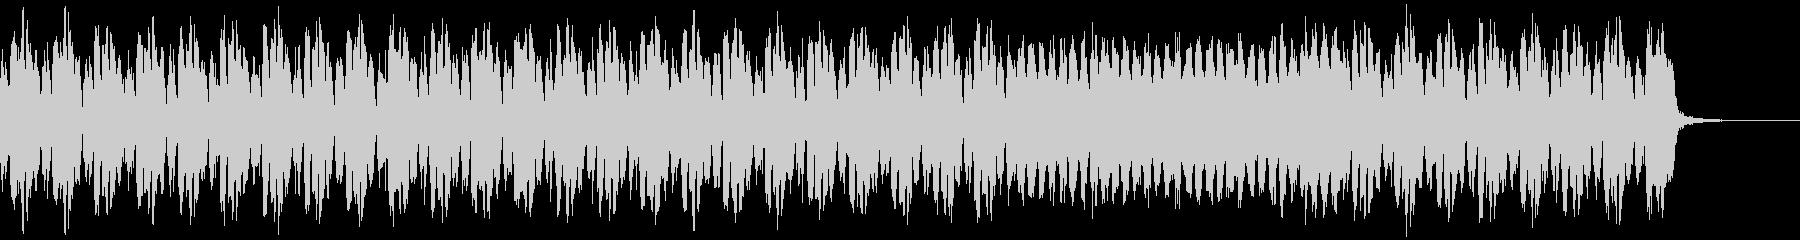 【インスト】少しダークで癖のある曲調の未再生の波形